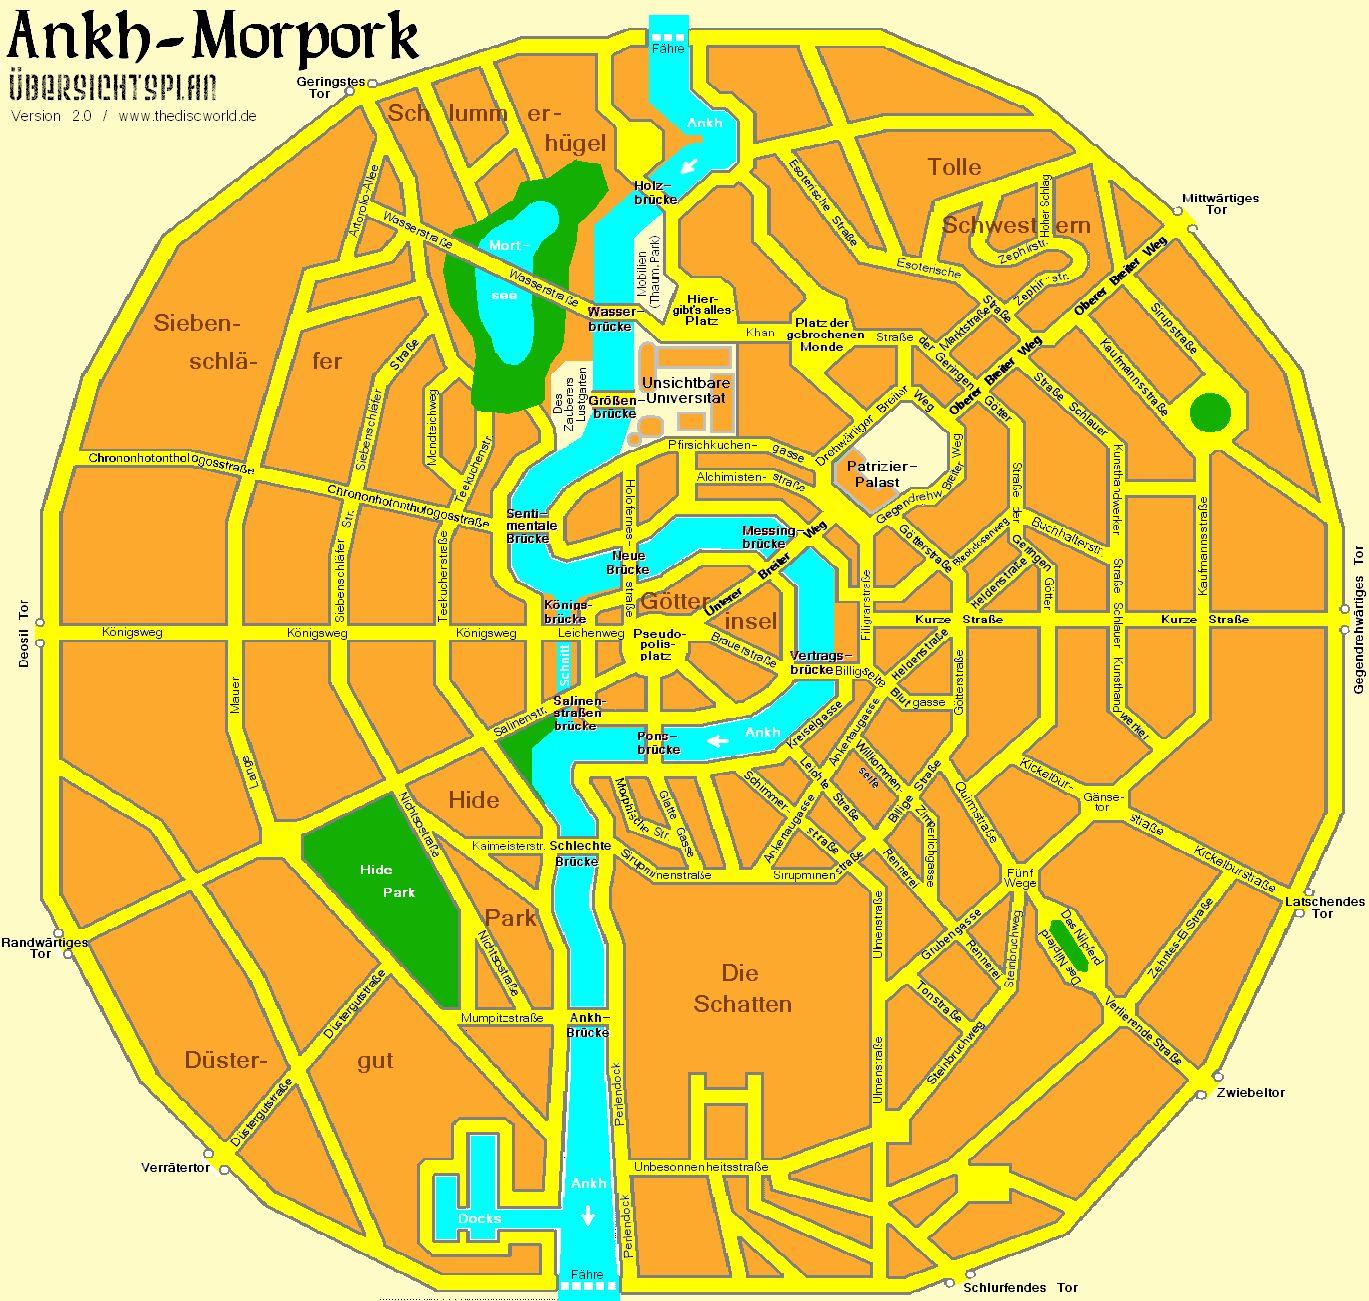 Benutzer Hybscher Karte Von Ankh Morpork Discwiki